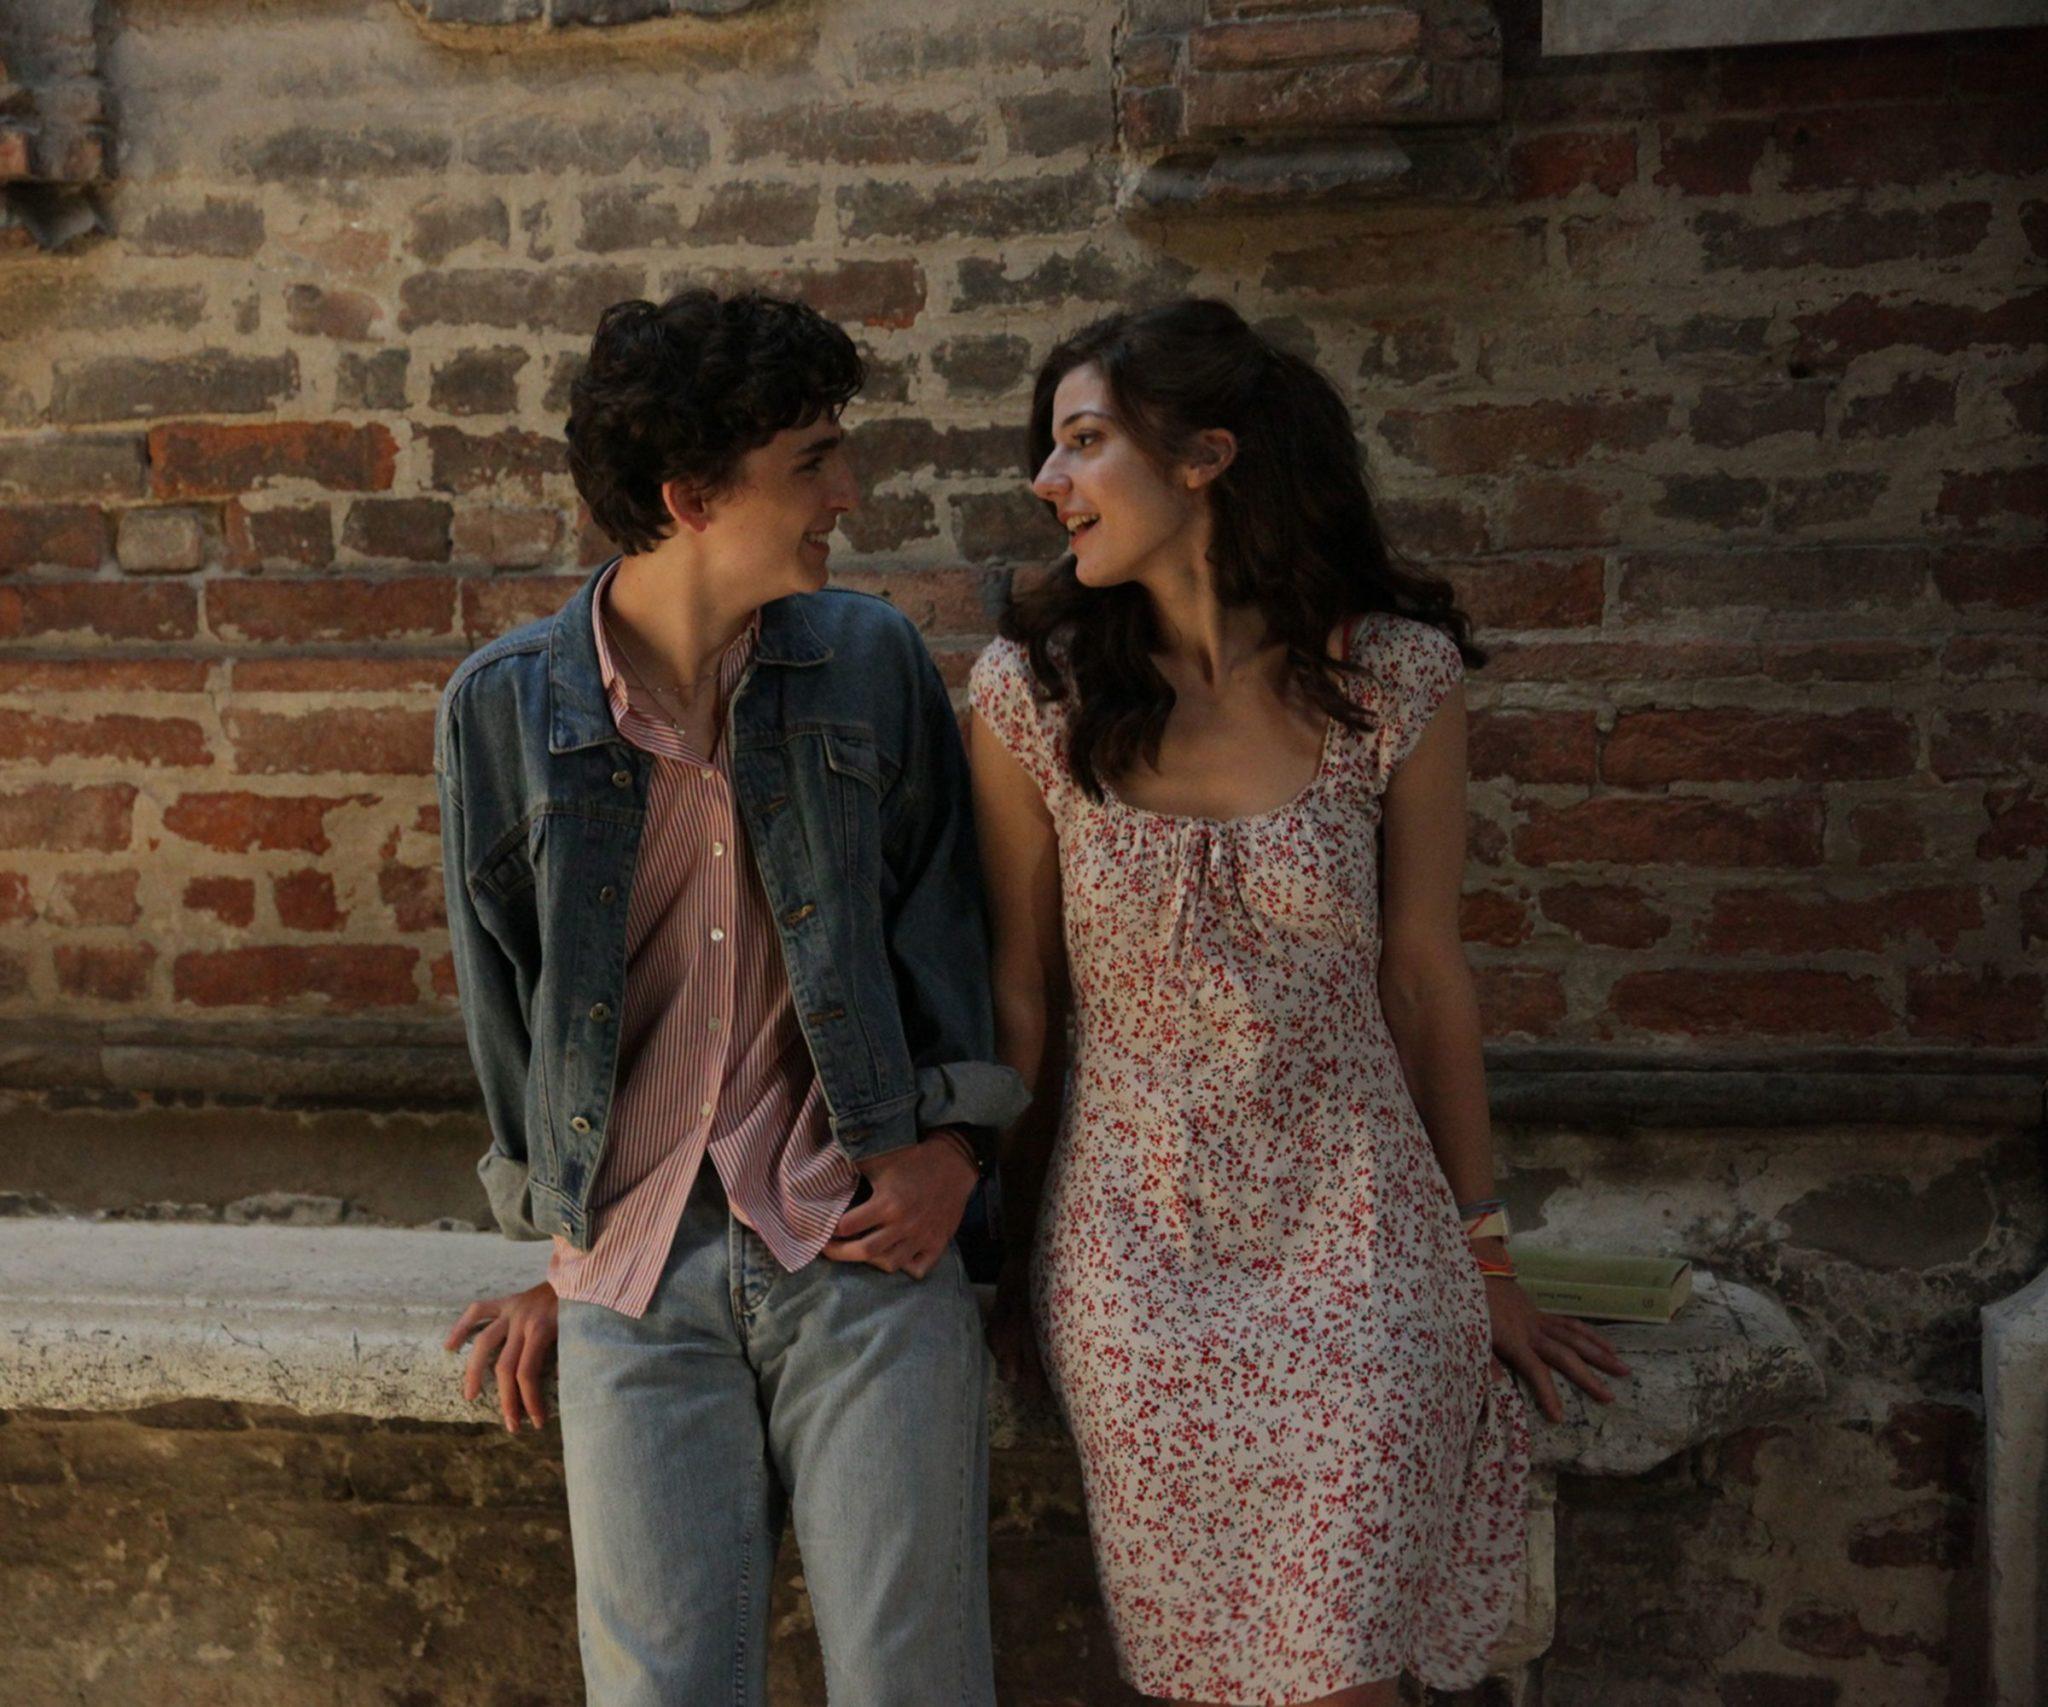 Nastoletni chłopiec i dziewczyna uśmiechają się do siebie, opierając się o mur.